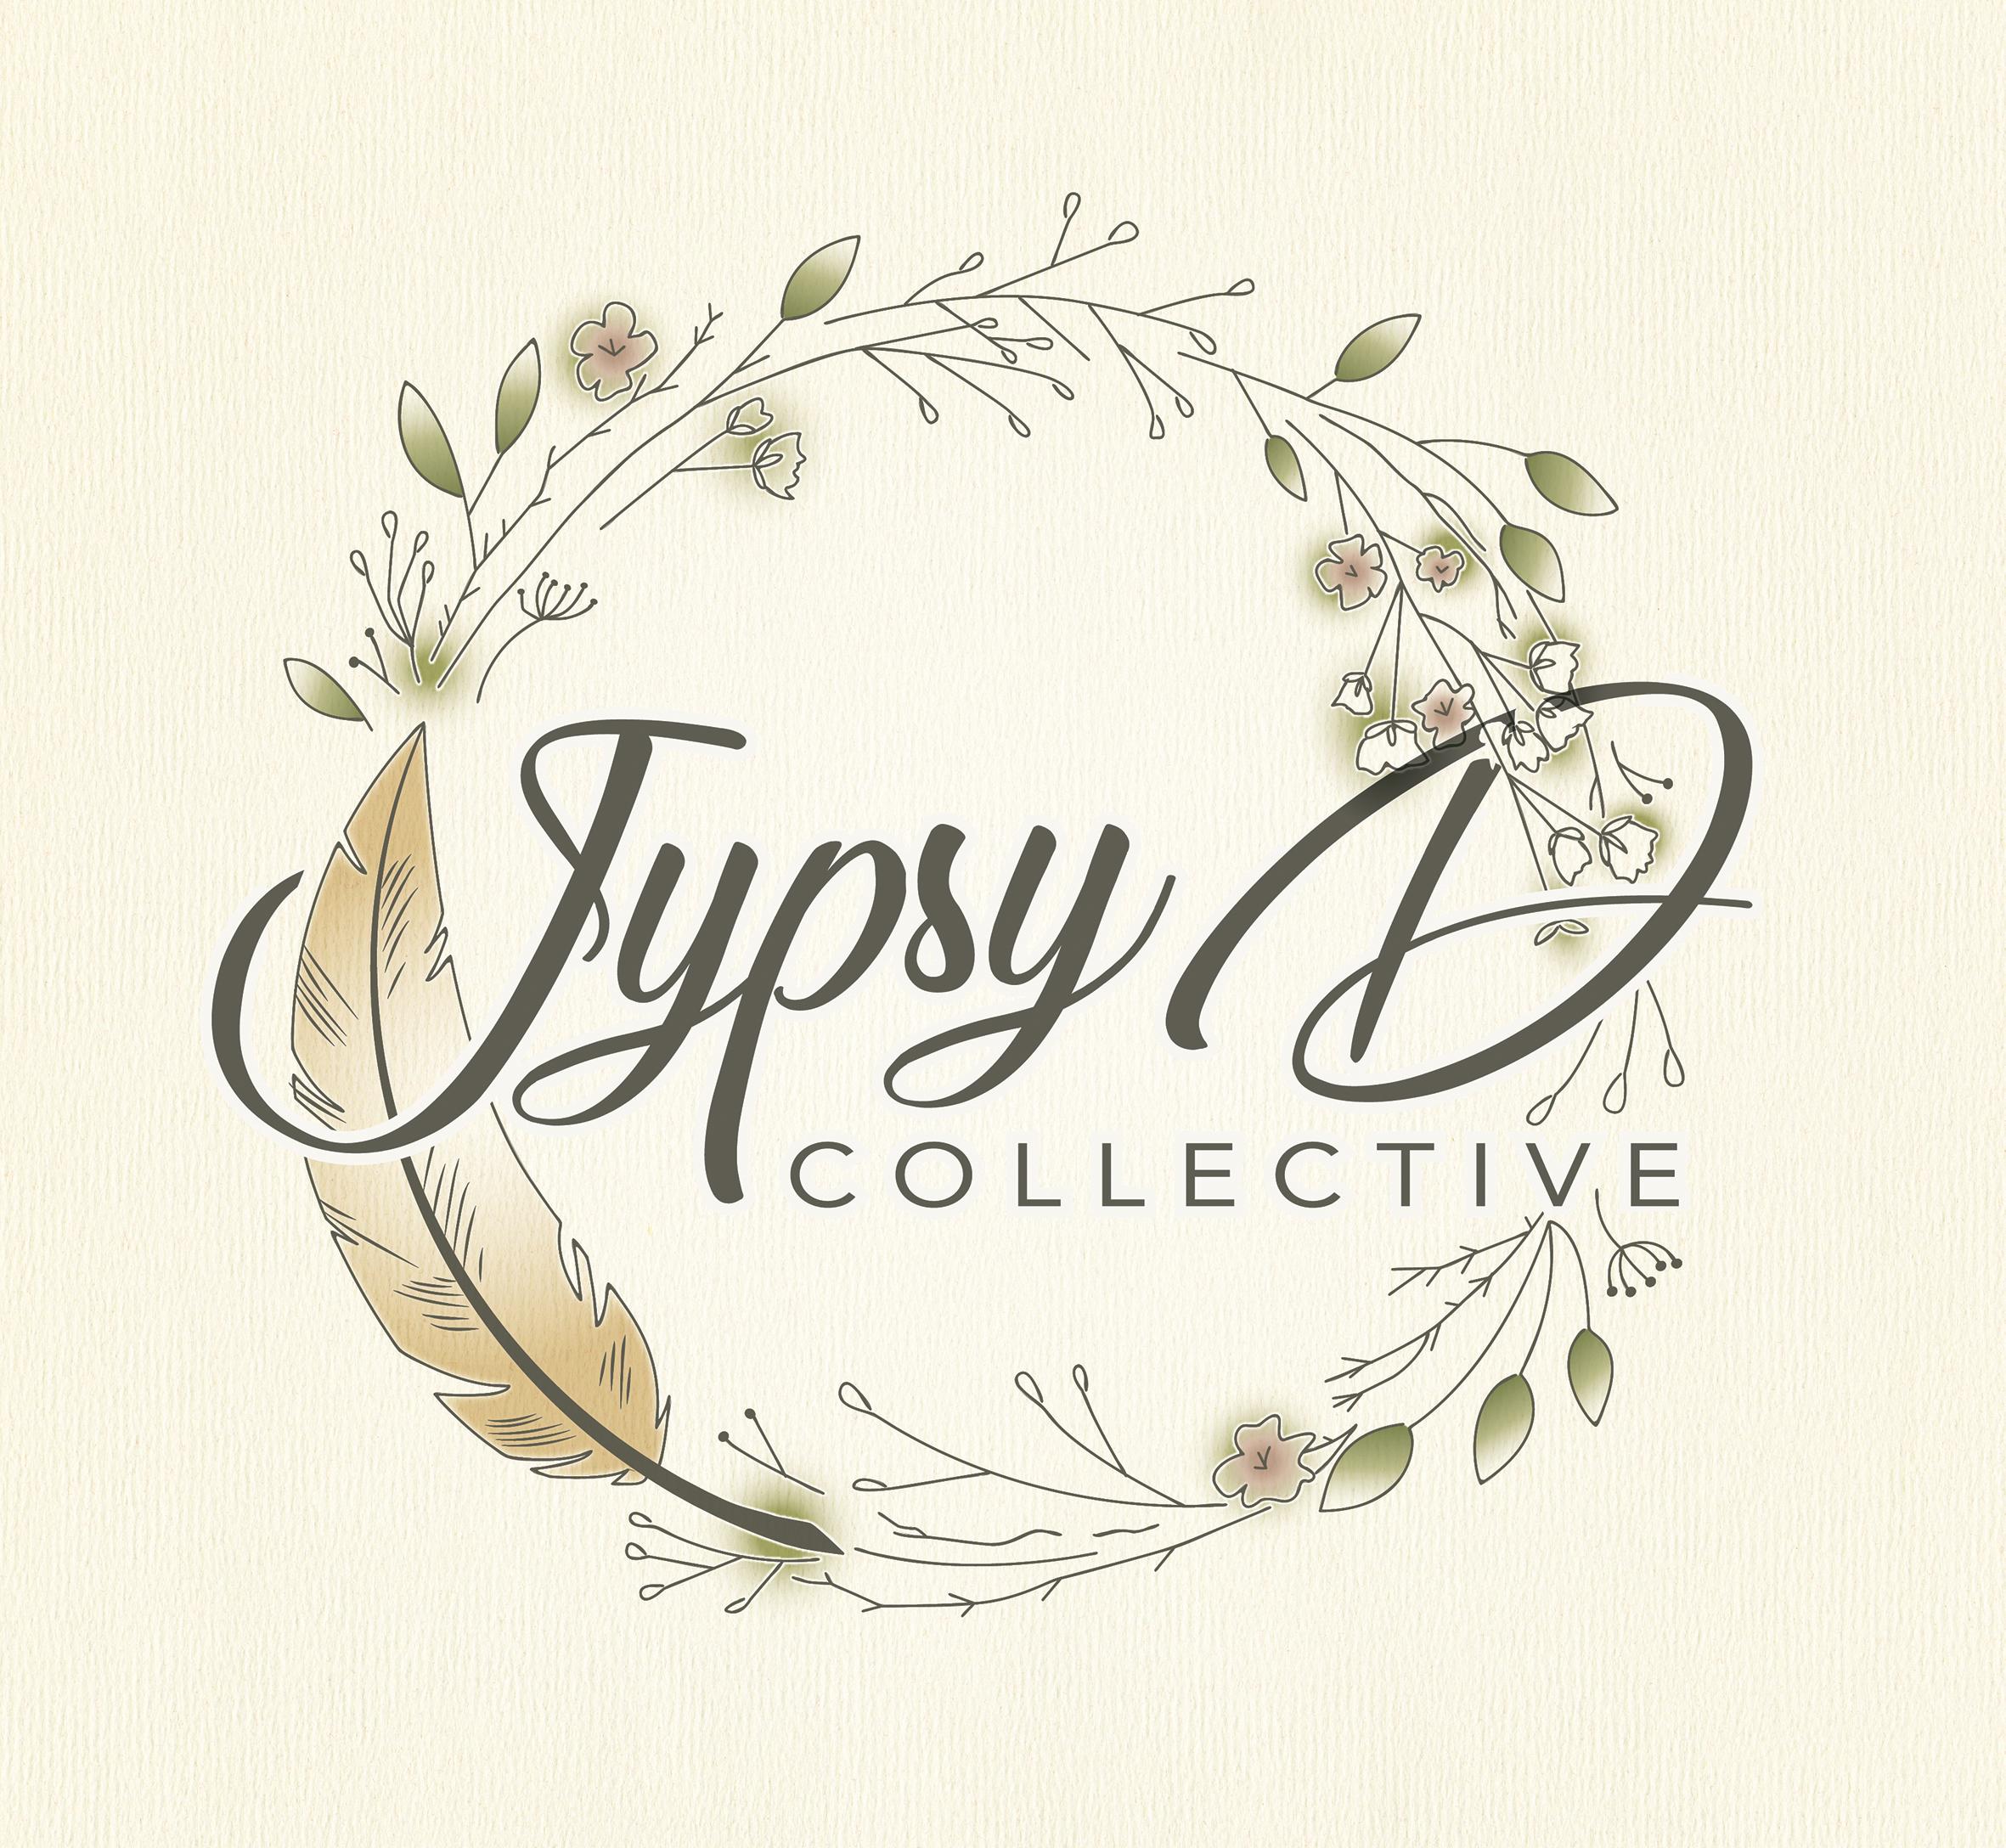 Jypsy D COLLECTIVE LOGO-03.jpg